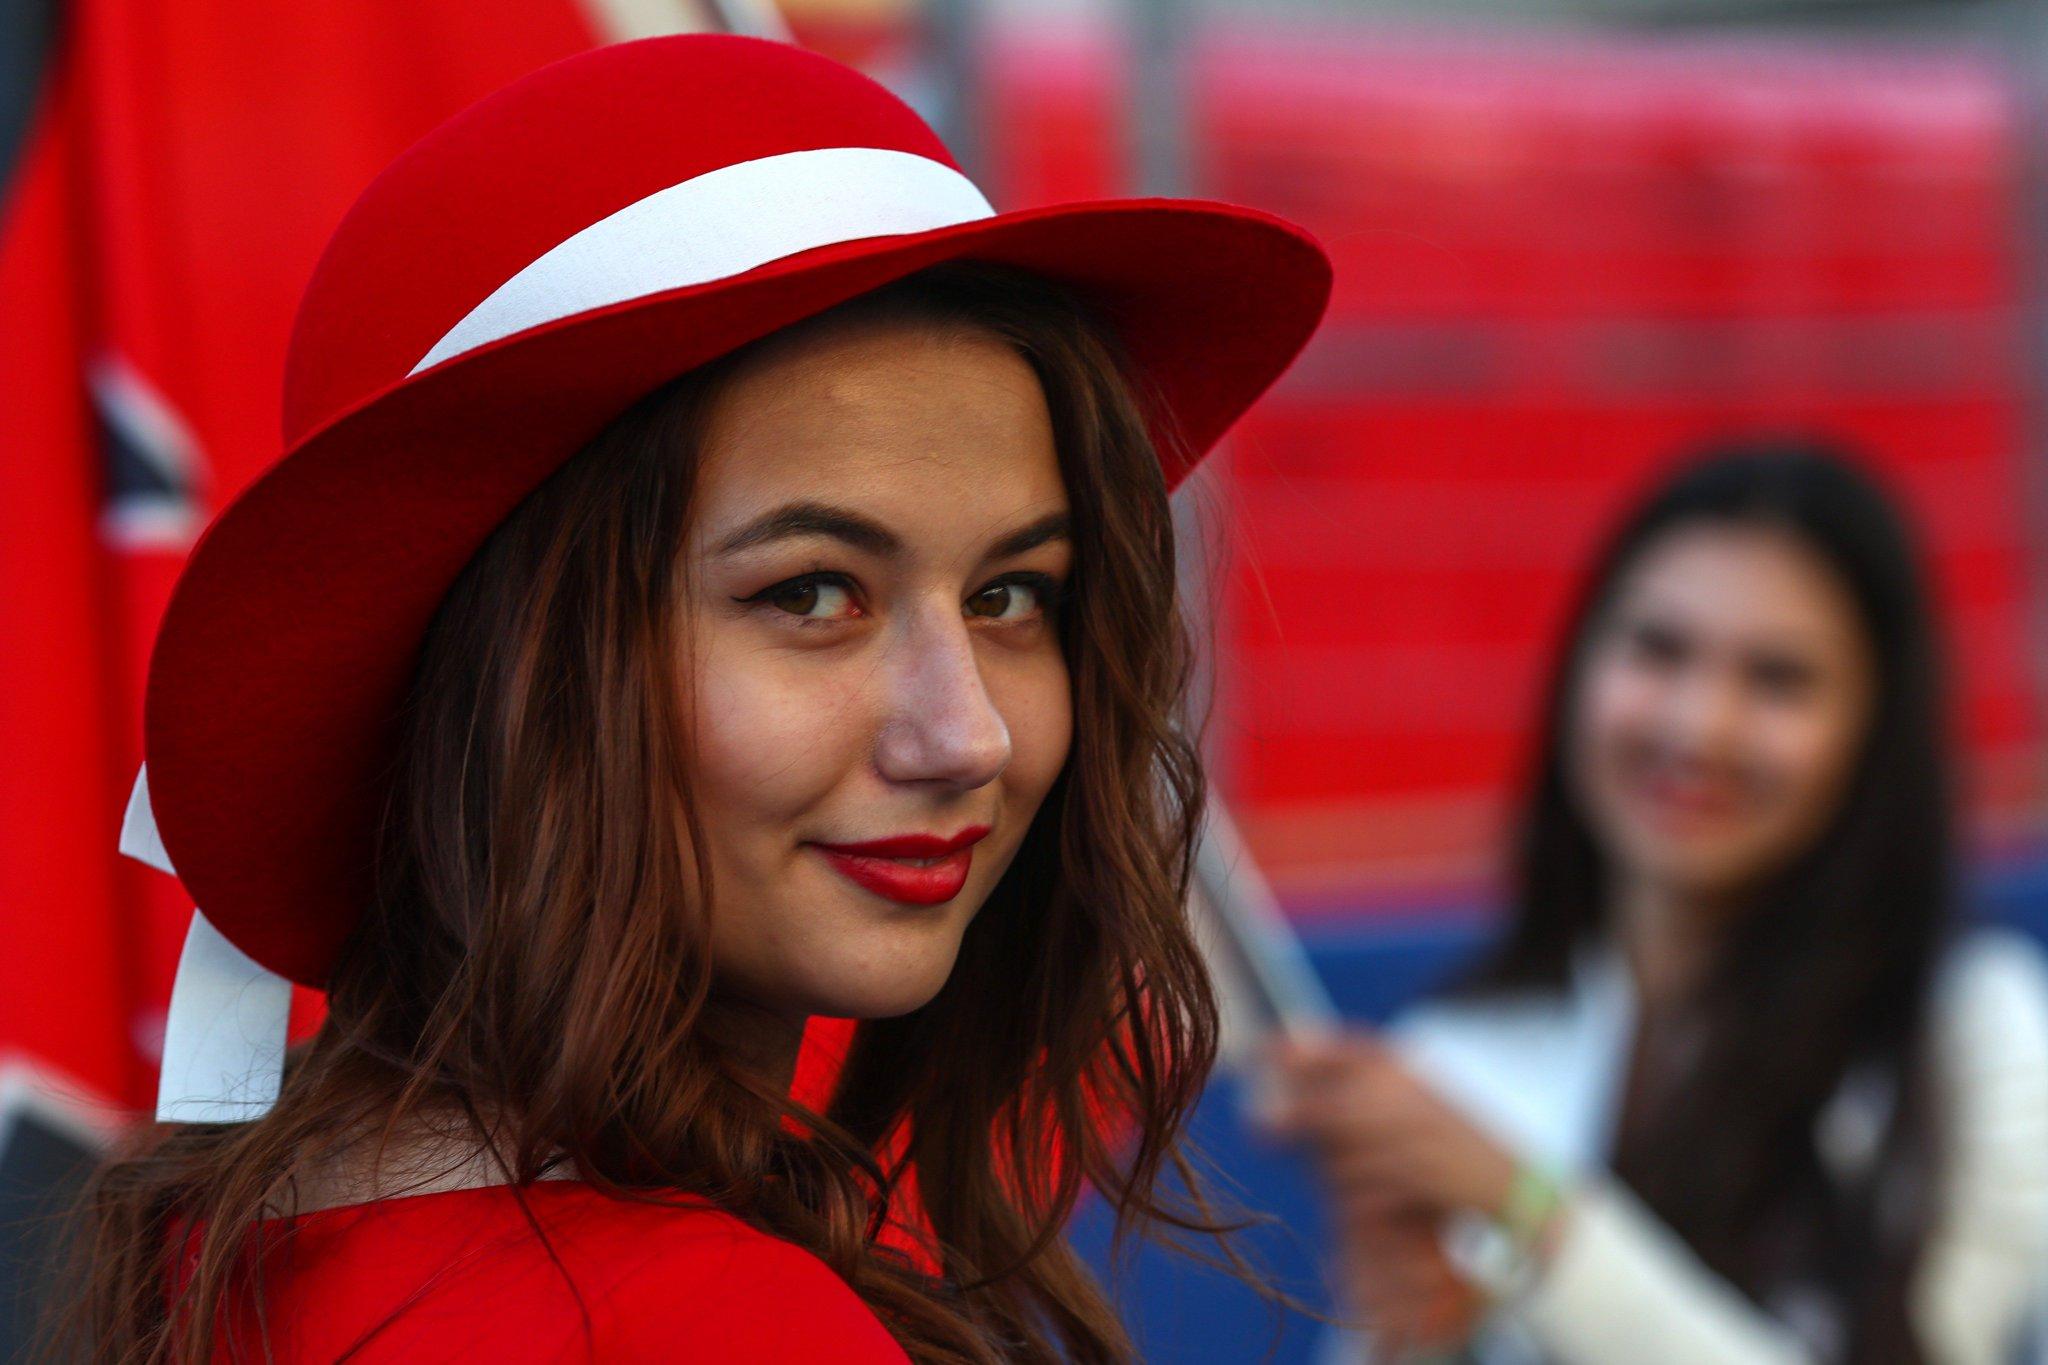 Fotos chicas formula 1 14